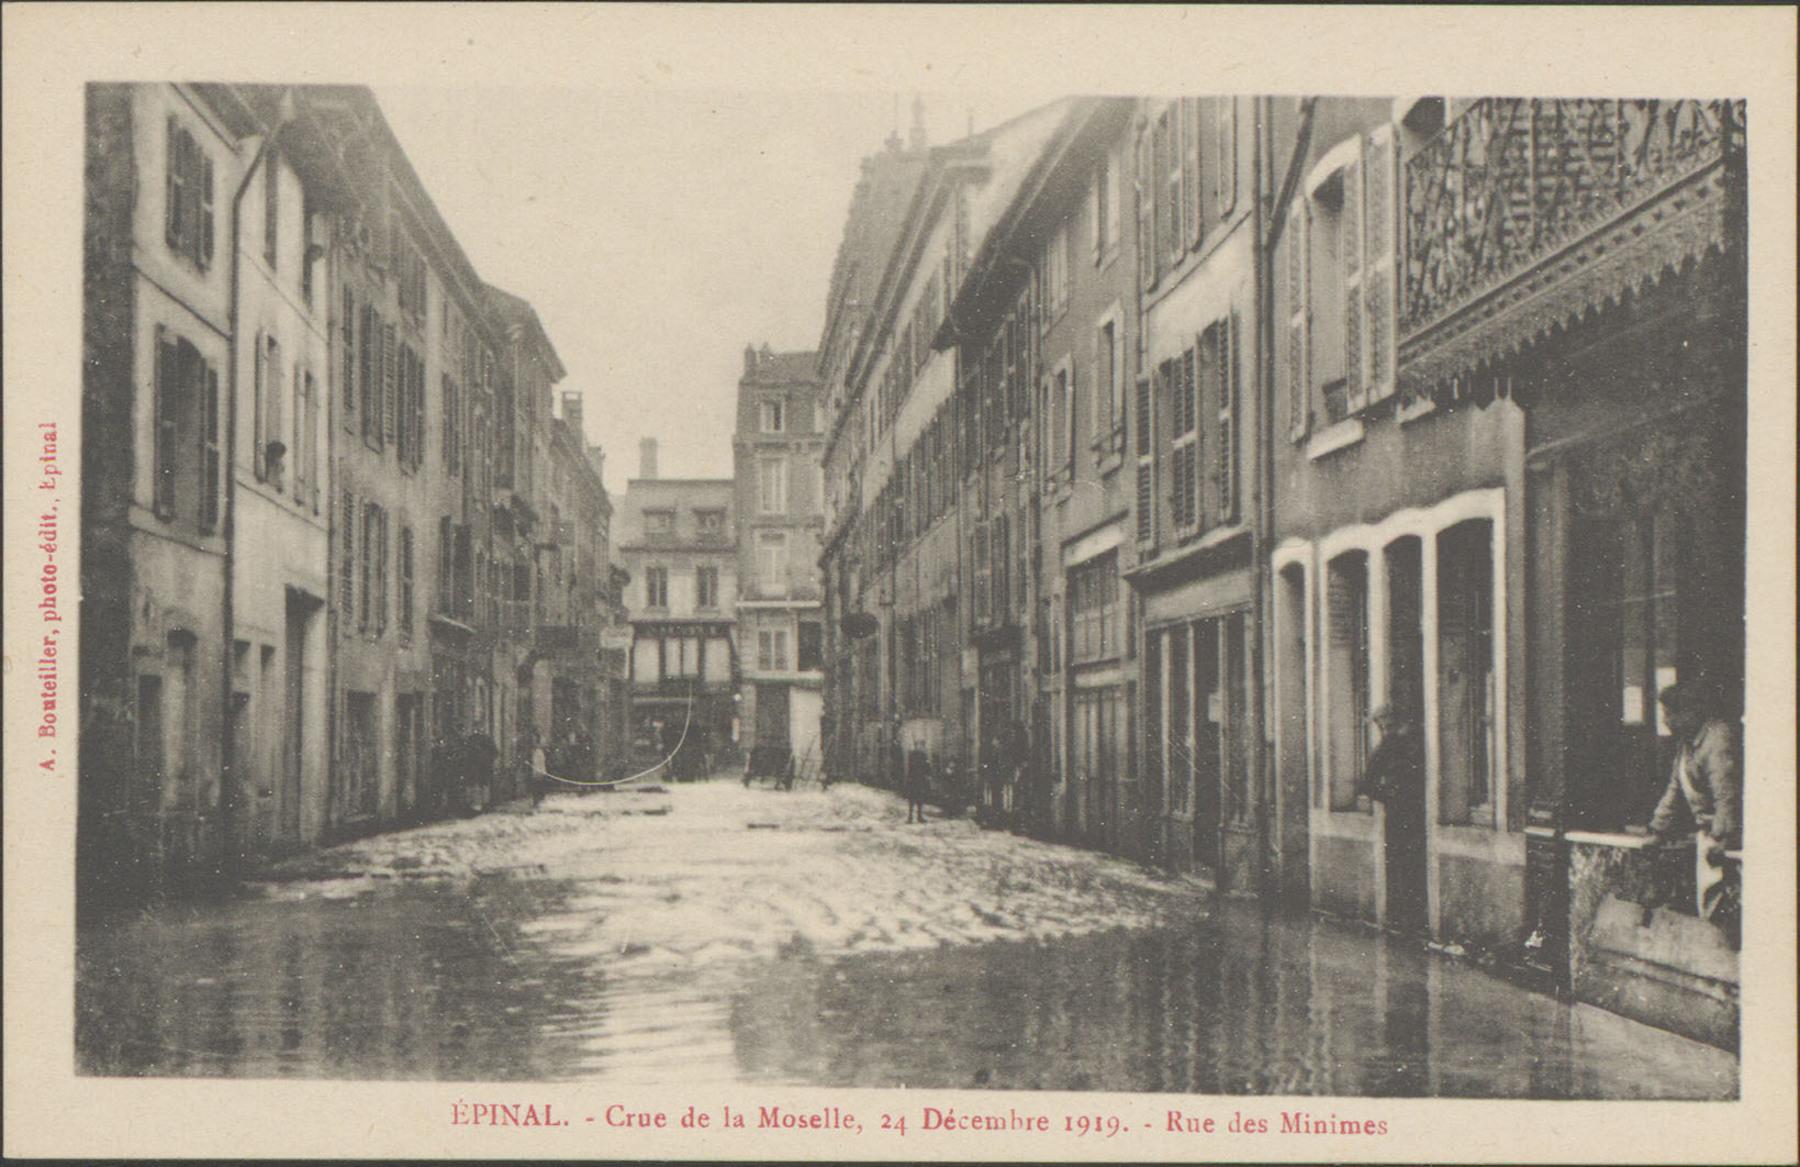 Contenu du Épinal, Crue de la Moselle, 24 décembre 1919, Rue des Minimes